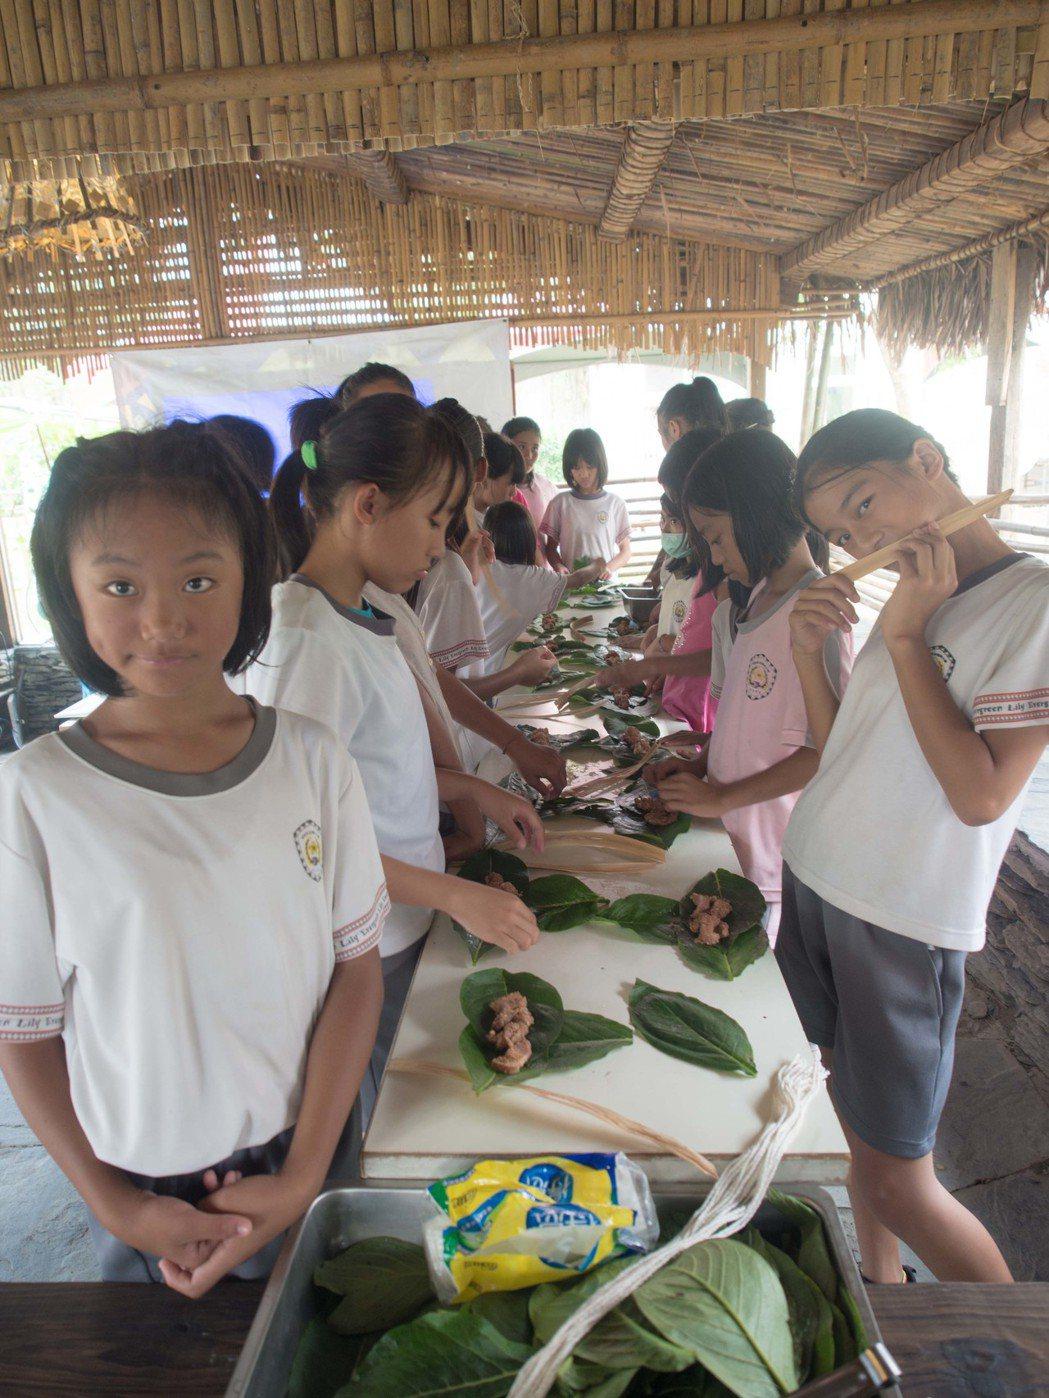 女學童跟著部落民眾學習如何製作吉拿富。記者林良齊/攝影